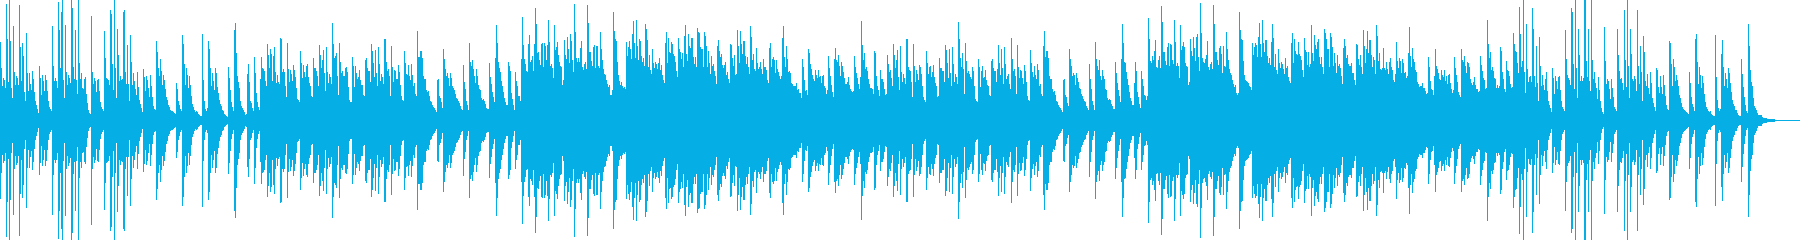 ピアノのフレーズが綺麗で美しい楽曲の再生済みの波形